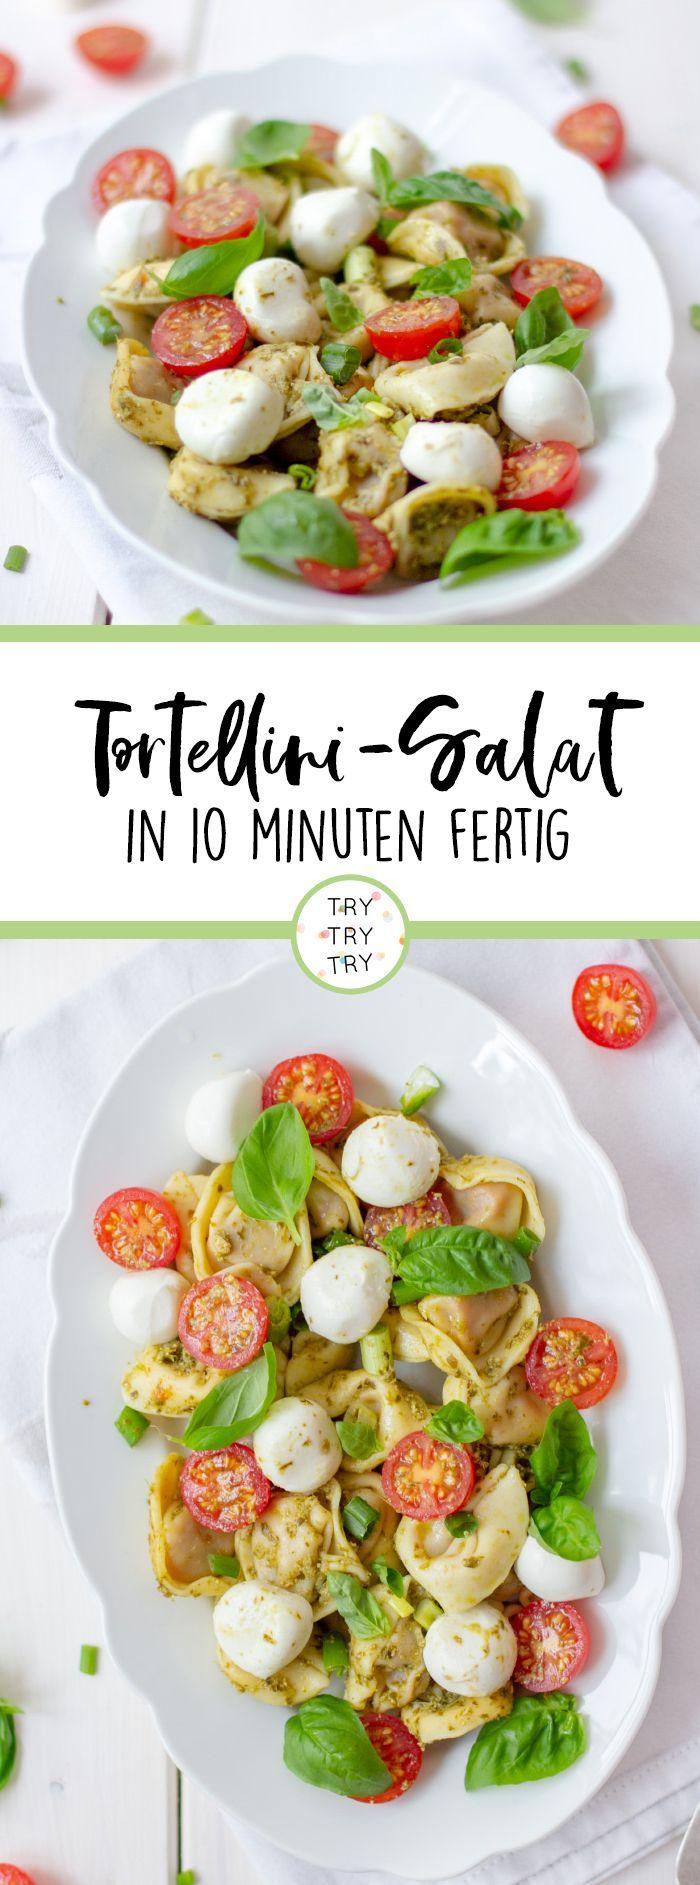 Italienischer Tortellini-Salat – Das perfekte Rezept für Partys, Geburtstage od…